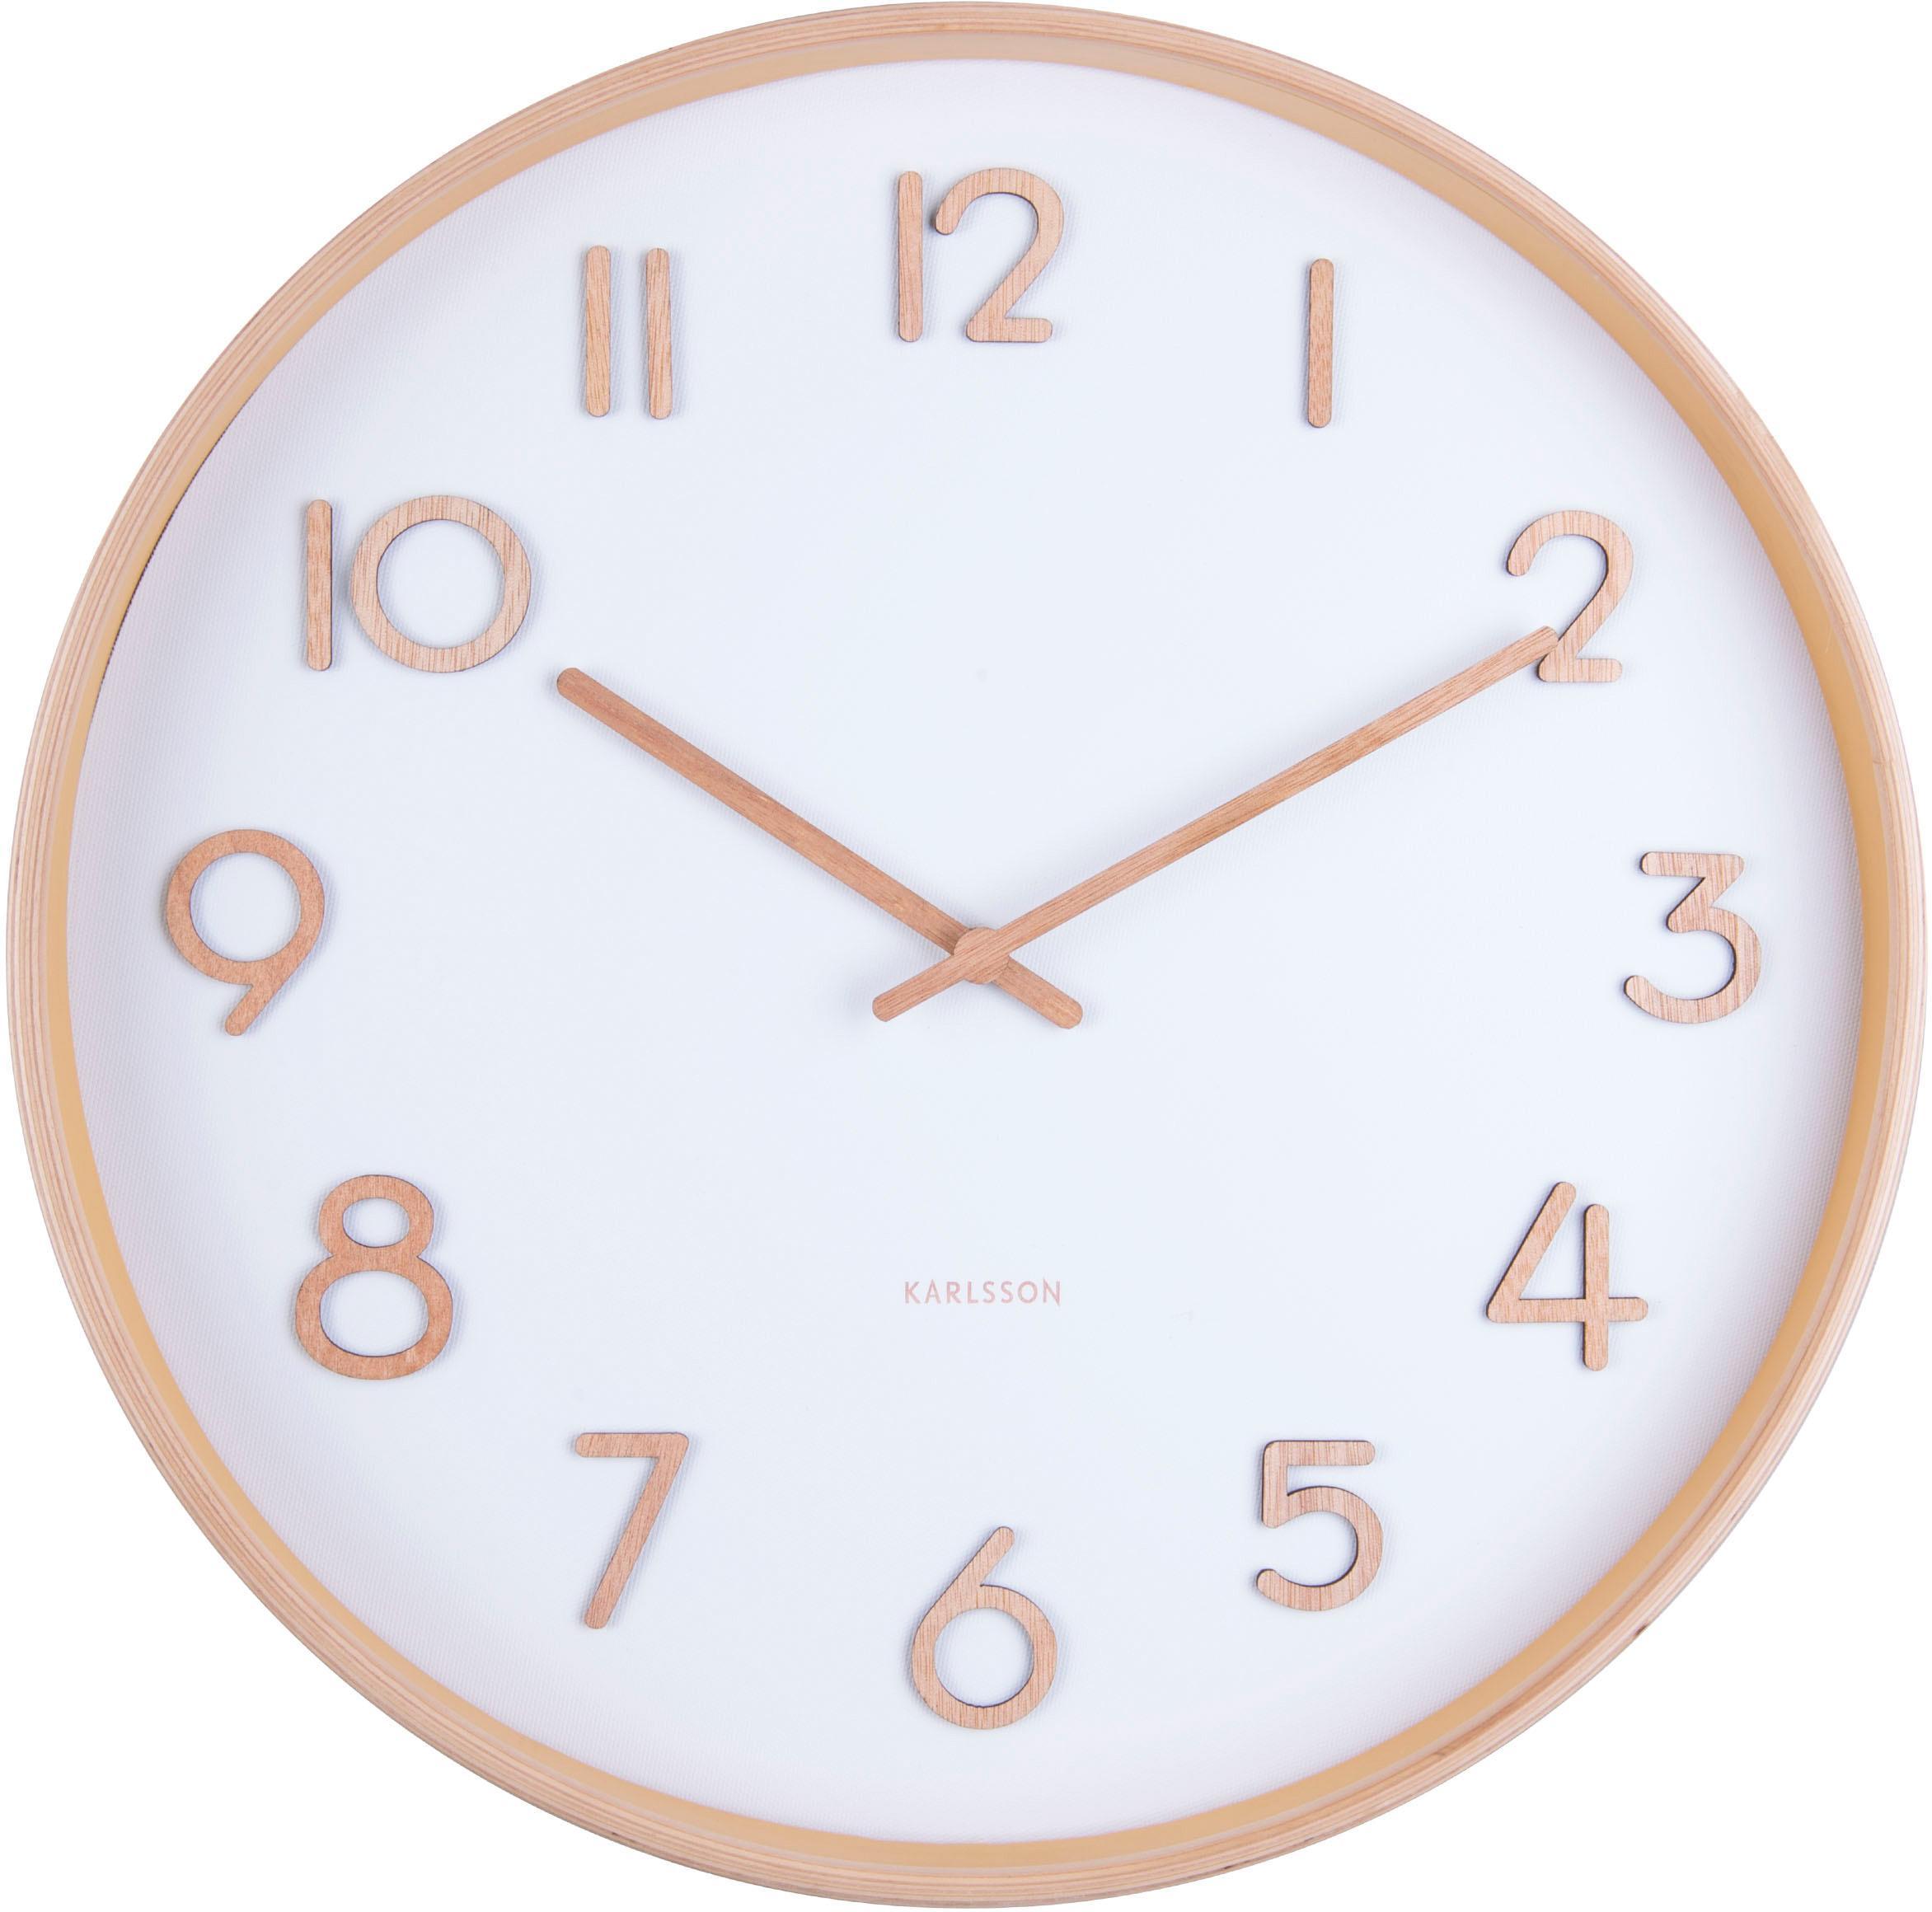 Orologio da parete Pure, Legno laccato, Bianco, legno, Ø 40 cm